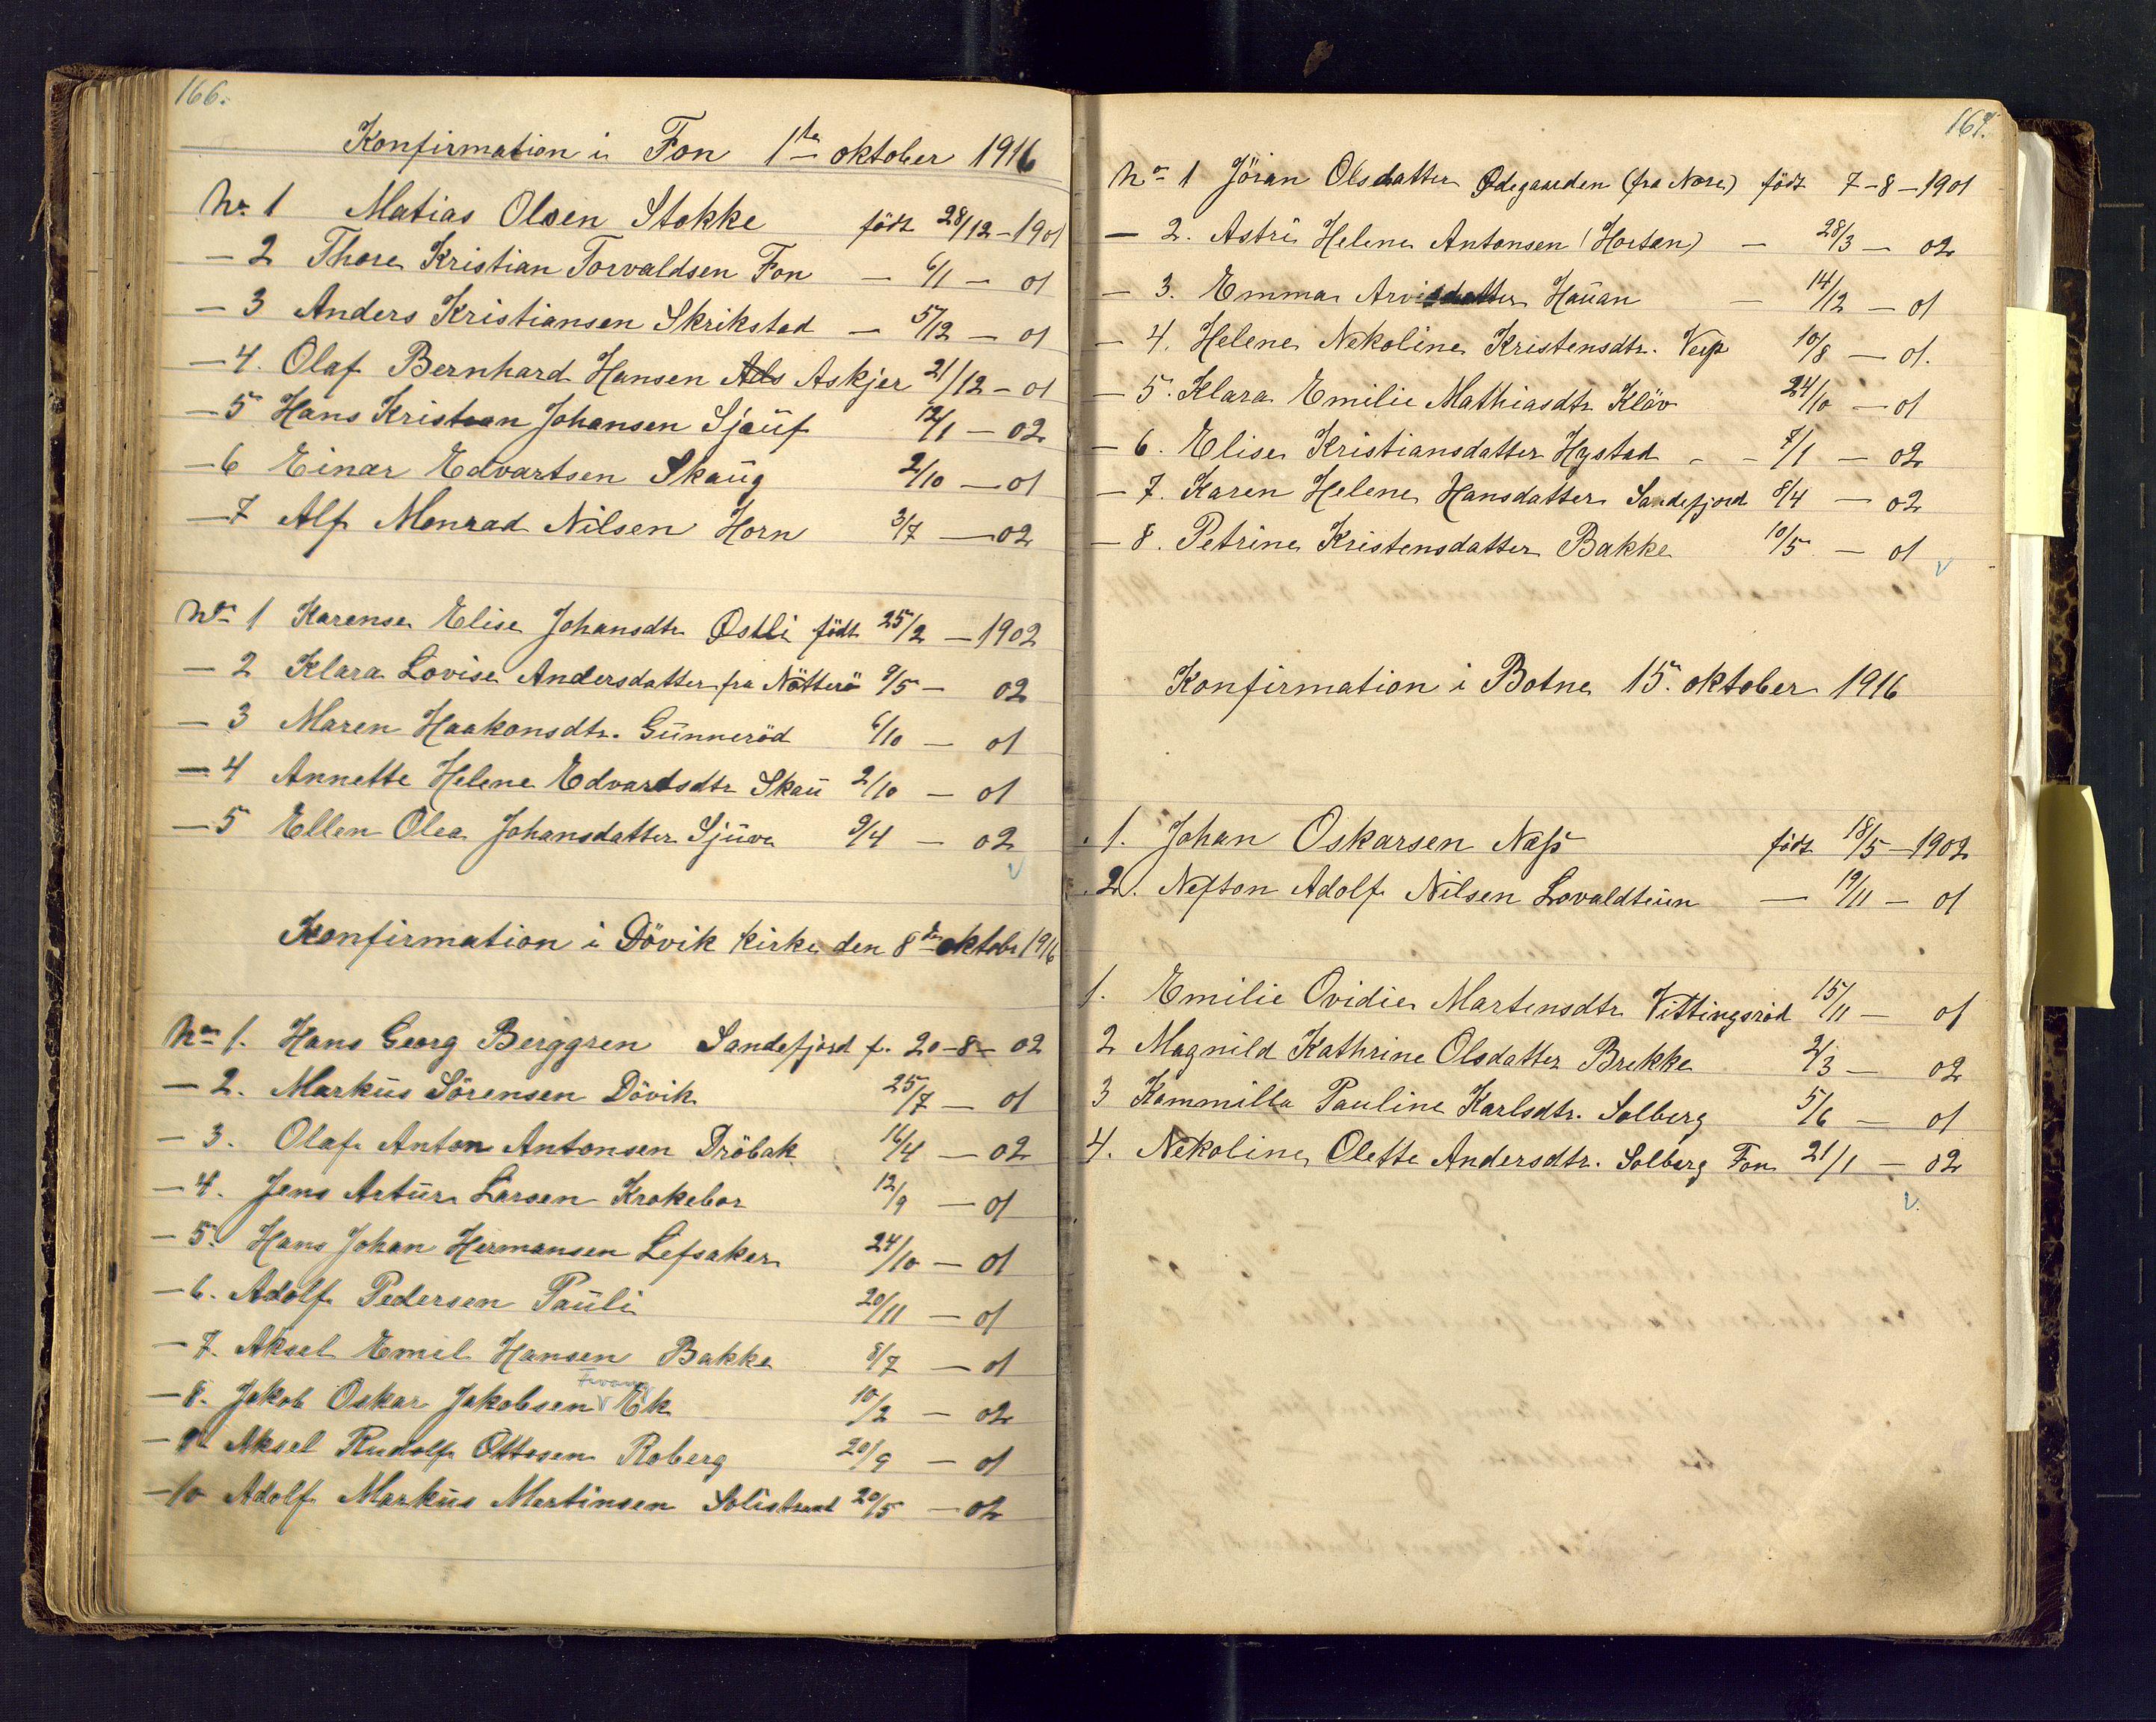 SAKO, Den evangelisk lutherske frimenighet i Jarlsbergs grevskap med flere steder, F/Fa/L0001: Dissenter register no. Fa/L0001, 1872-1925, p. 166-167